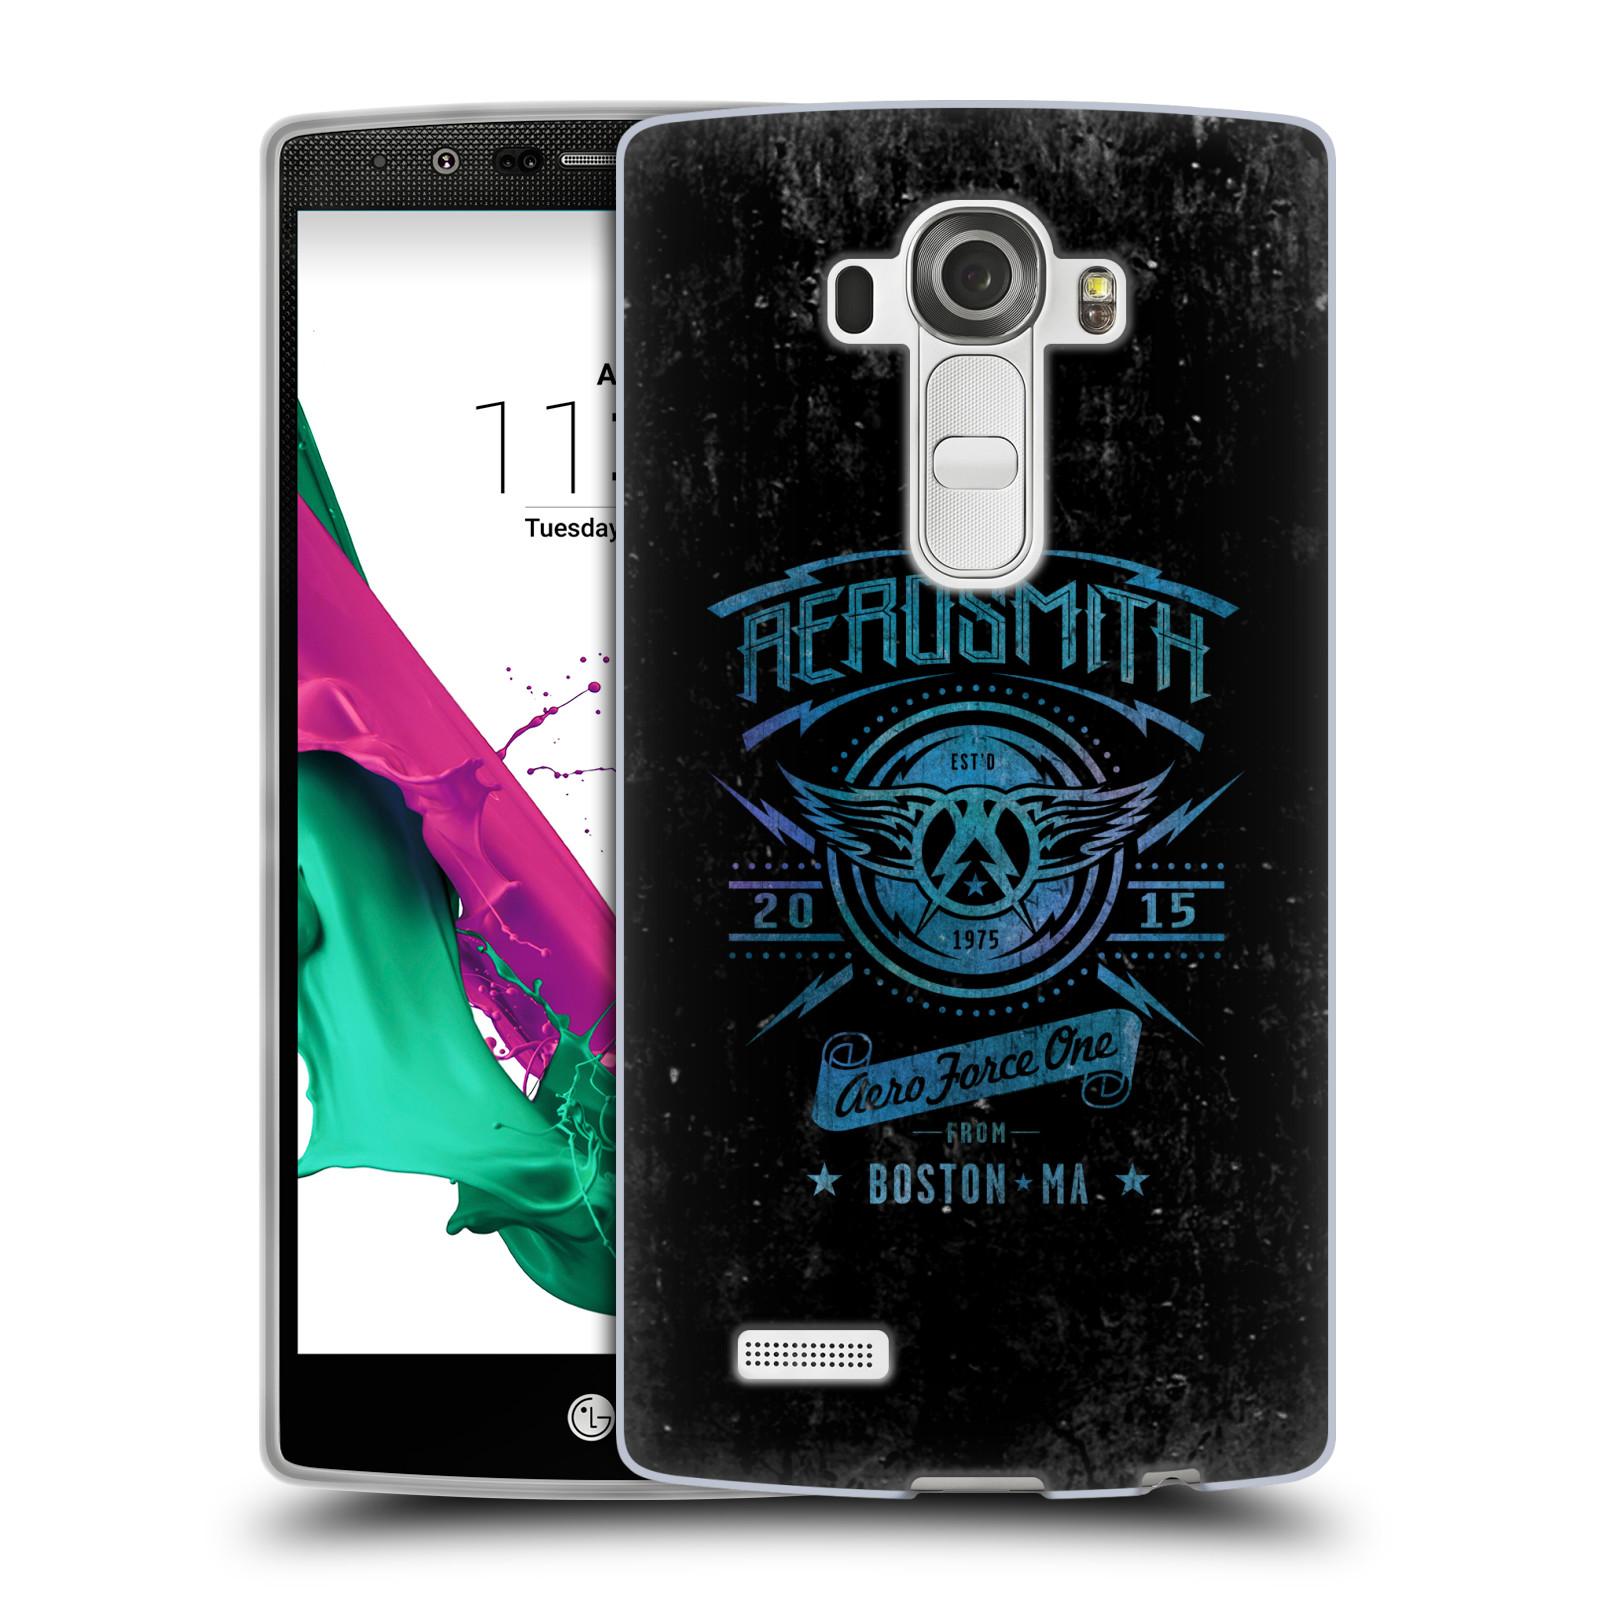 Silikonové pouzdro na mobil LG G4 HEAD CASE - Aerosmith - Aero Force One